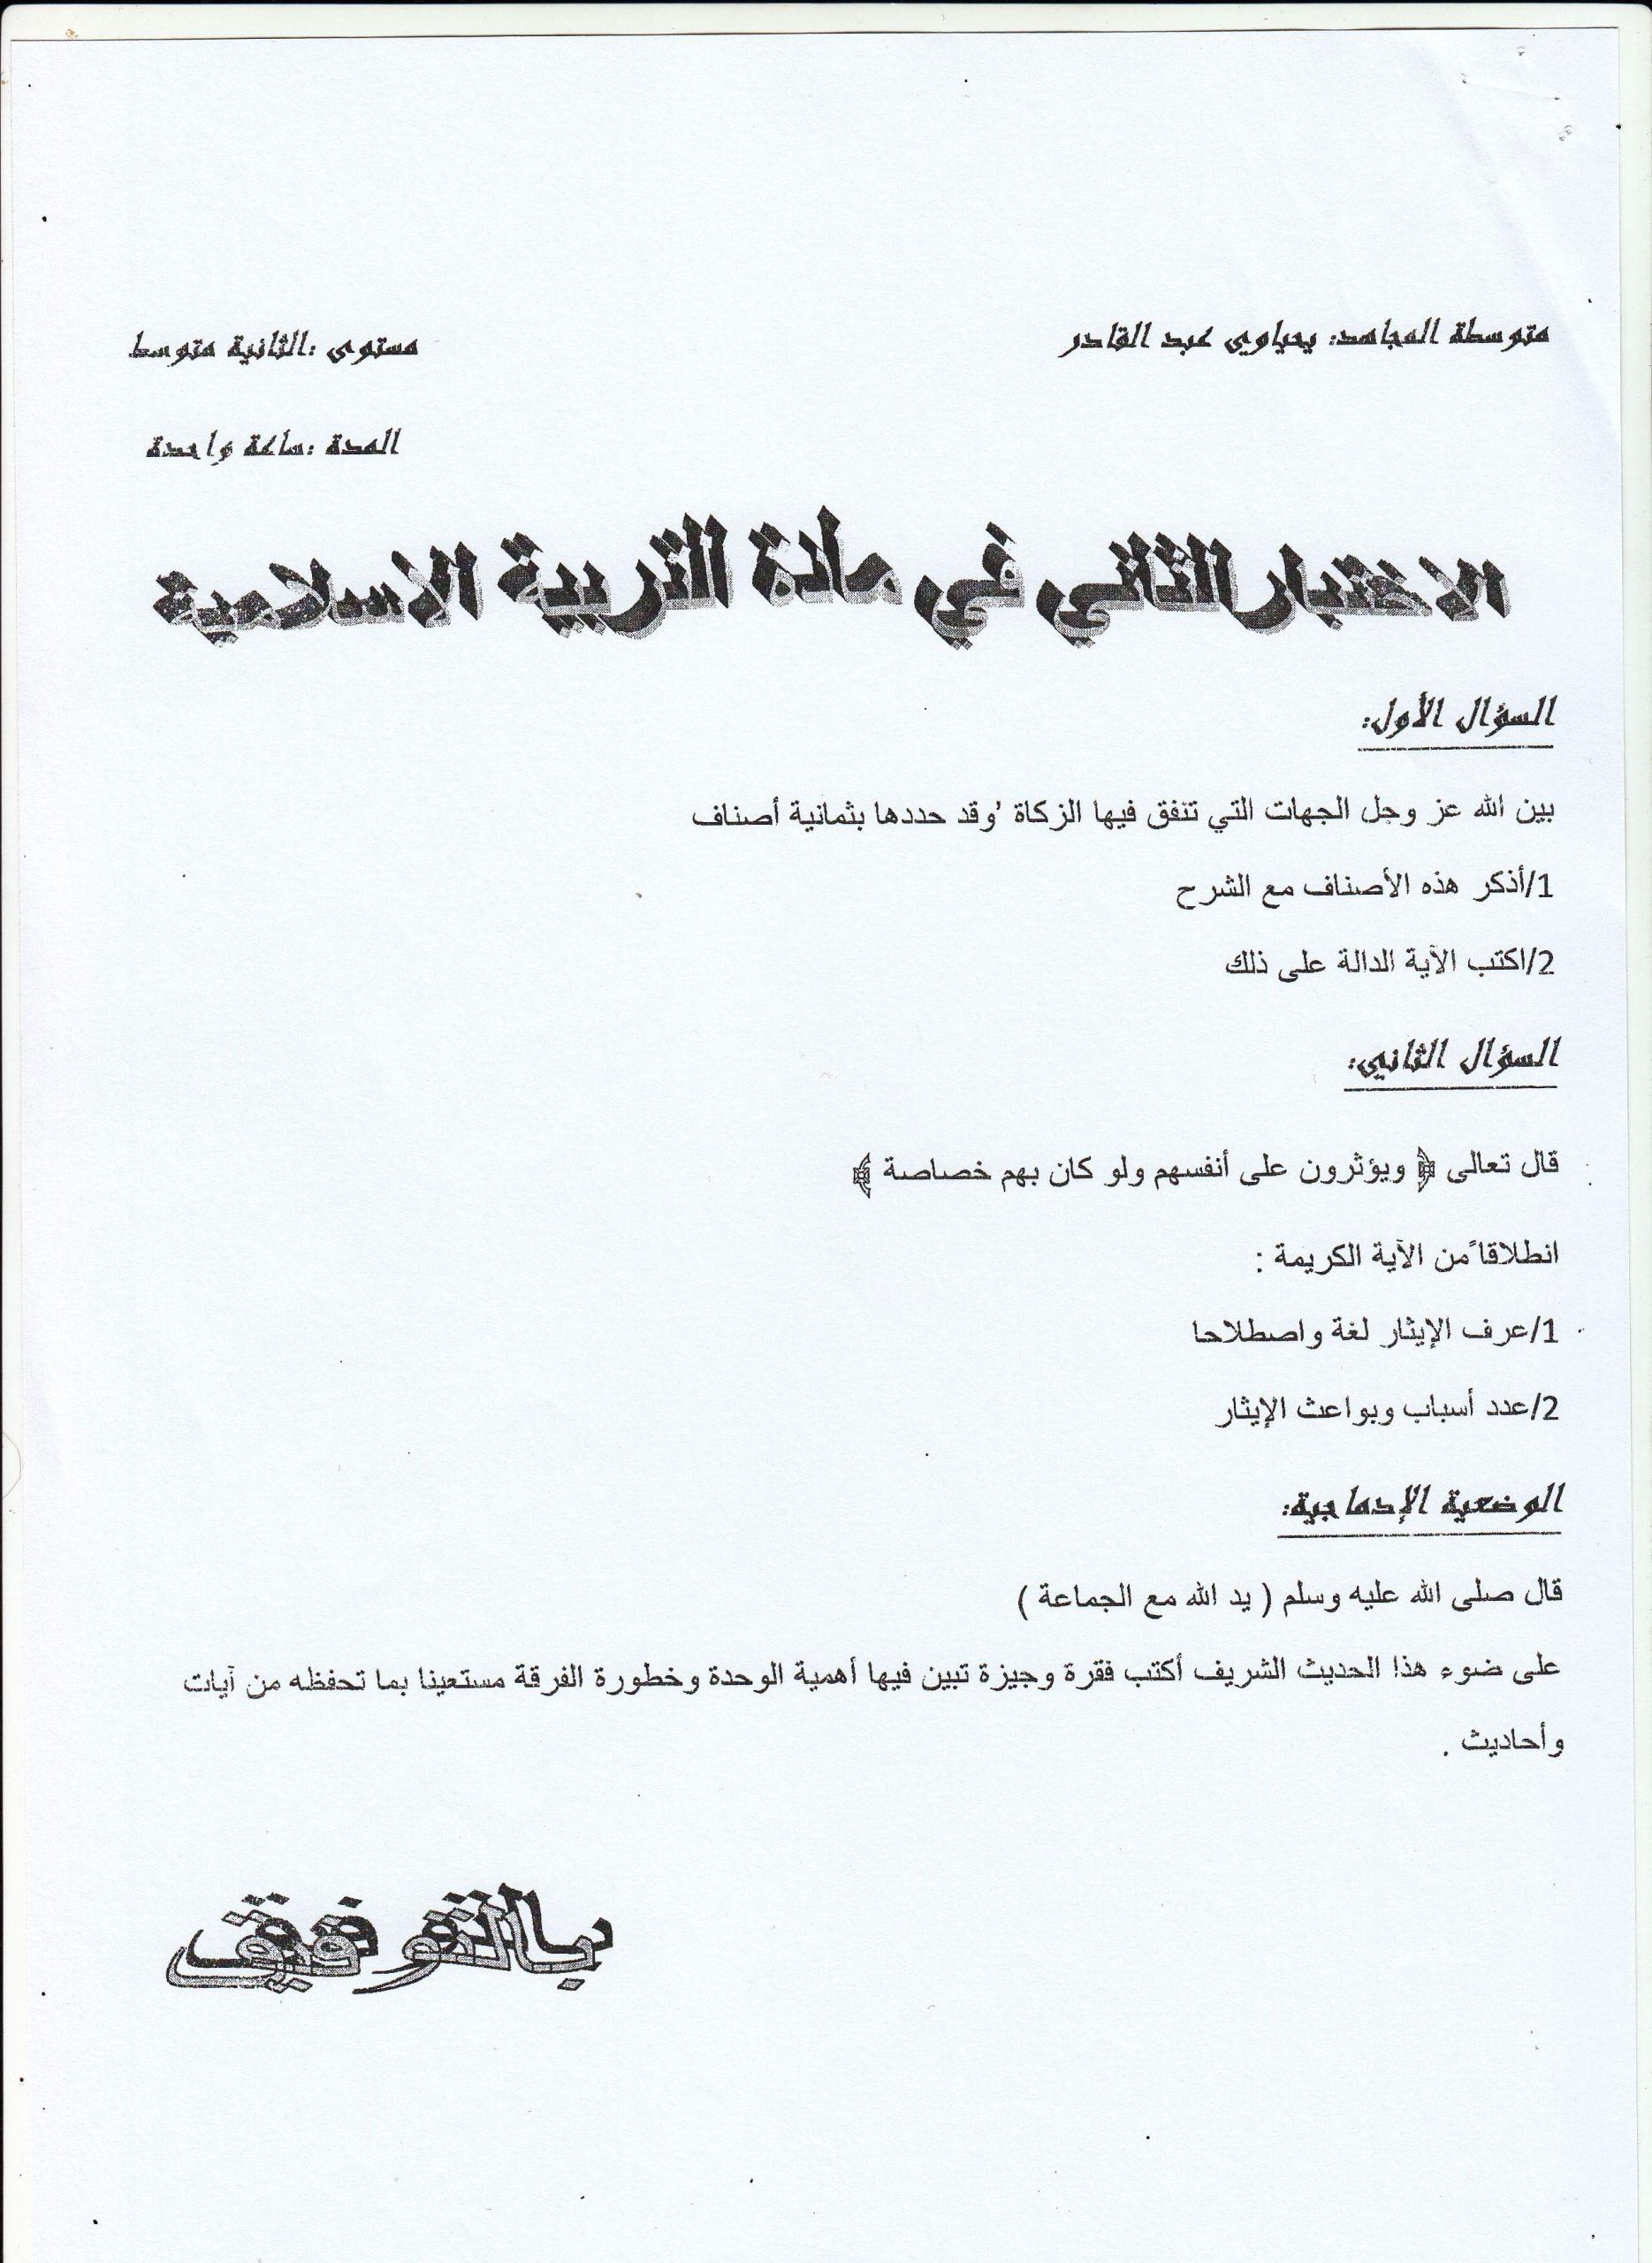 اختبار الفصل الثاني في العلوم الاسلامية للسنة الثانية متوسط - الموضوع 03